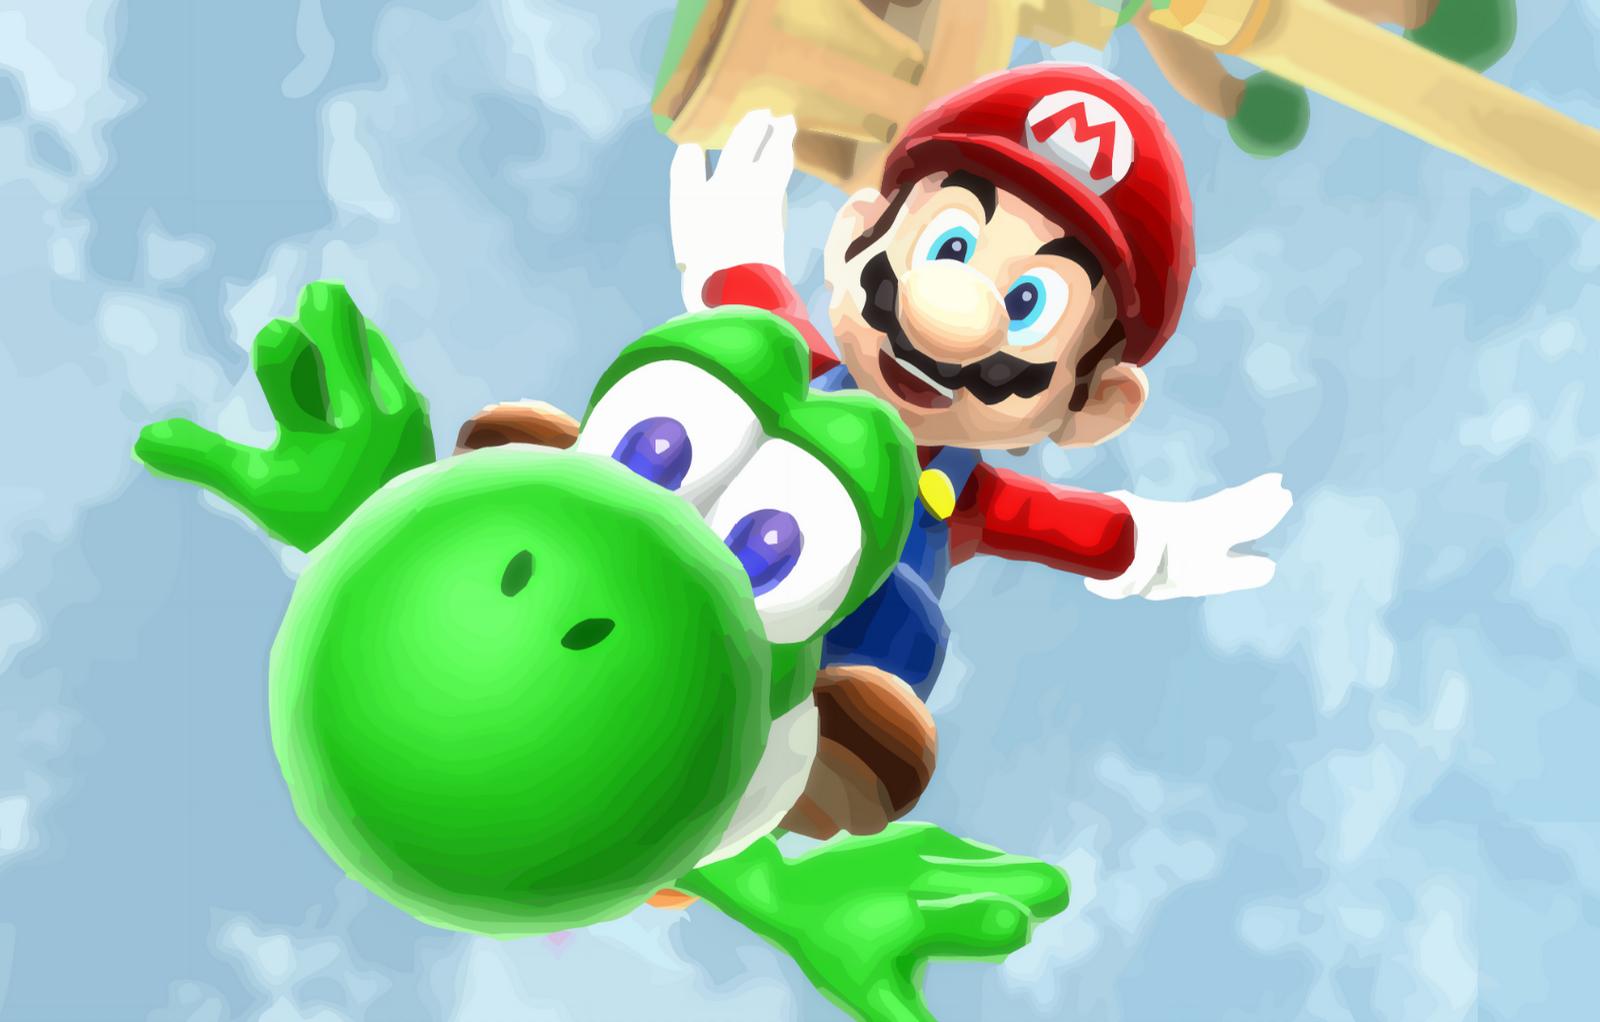 Super Mario HD Wallpaper   Wallpapers 1600x1022